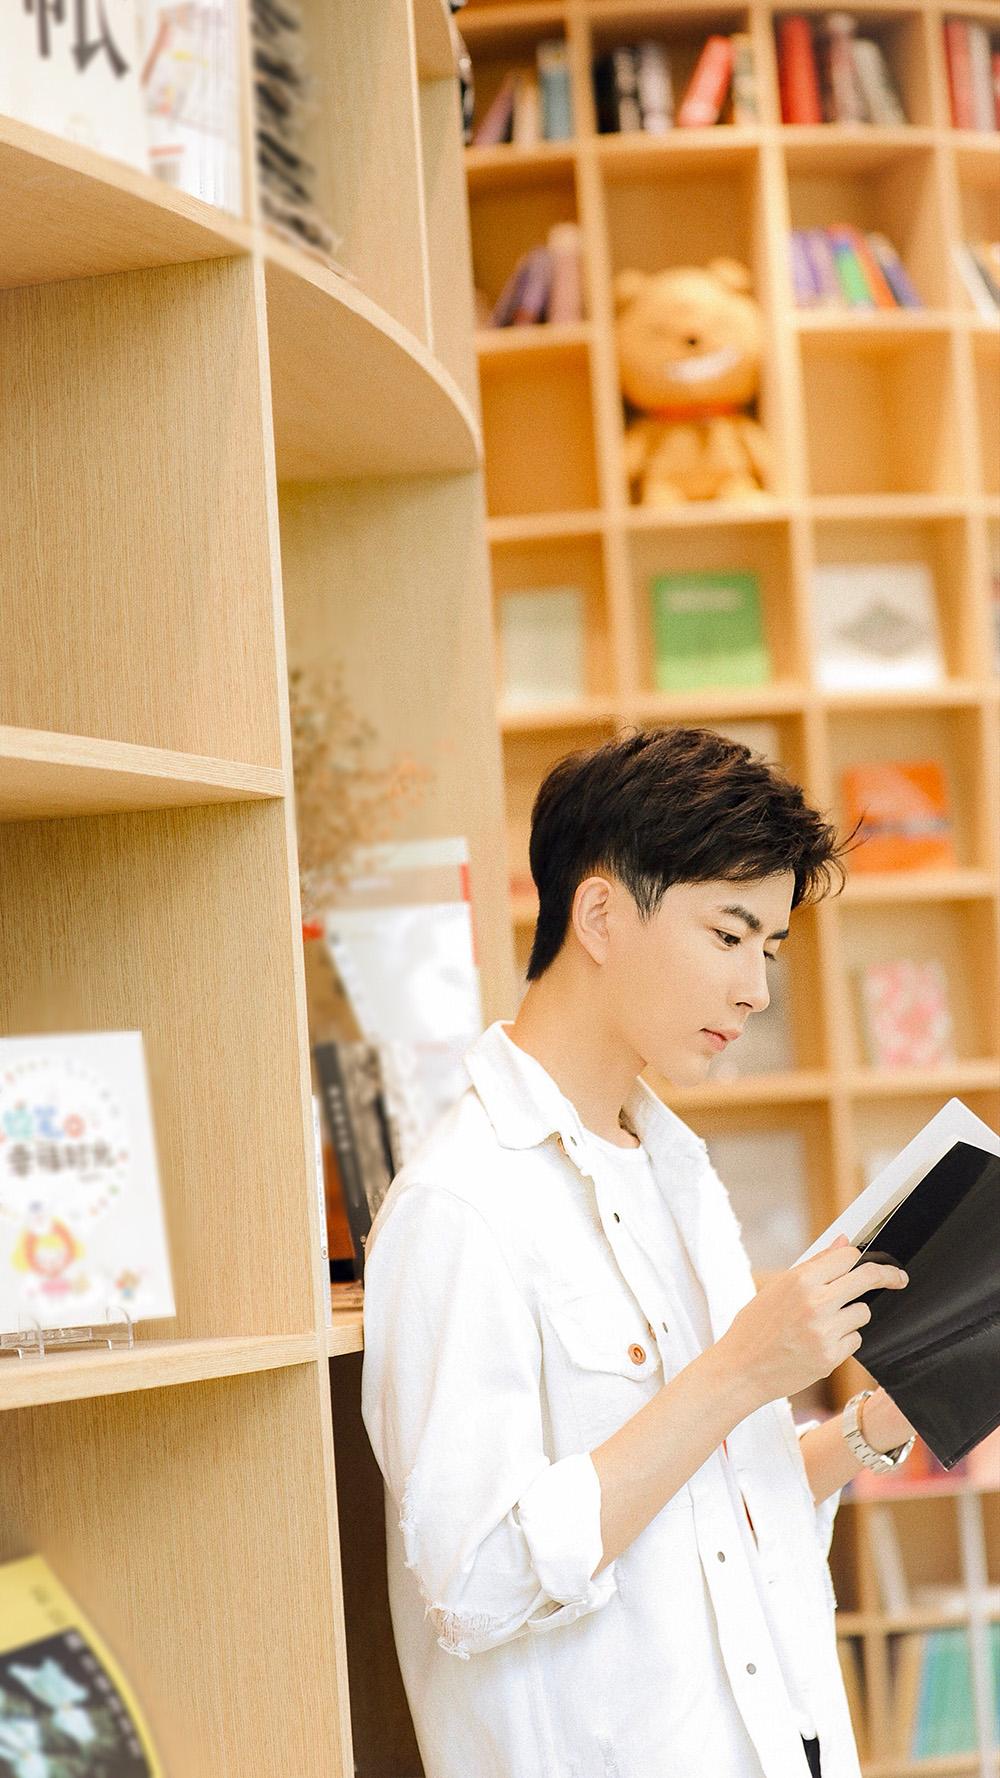 温暖学长于朦胧上线 演绎夏日悠闲的读书时光